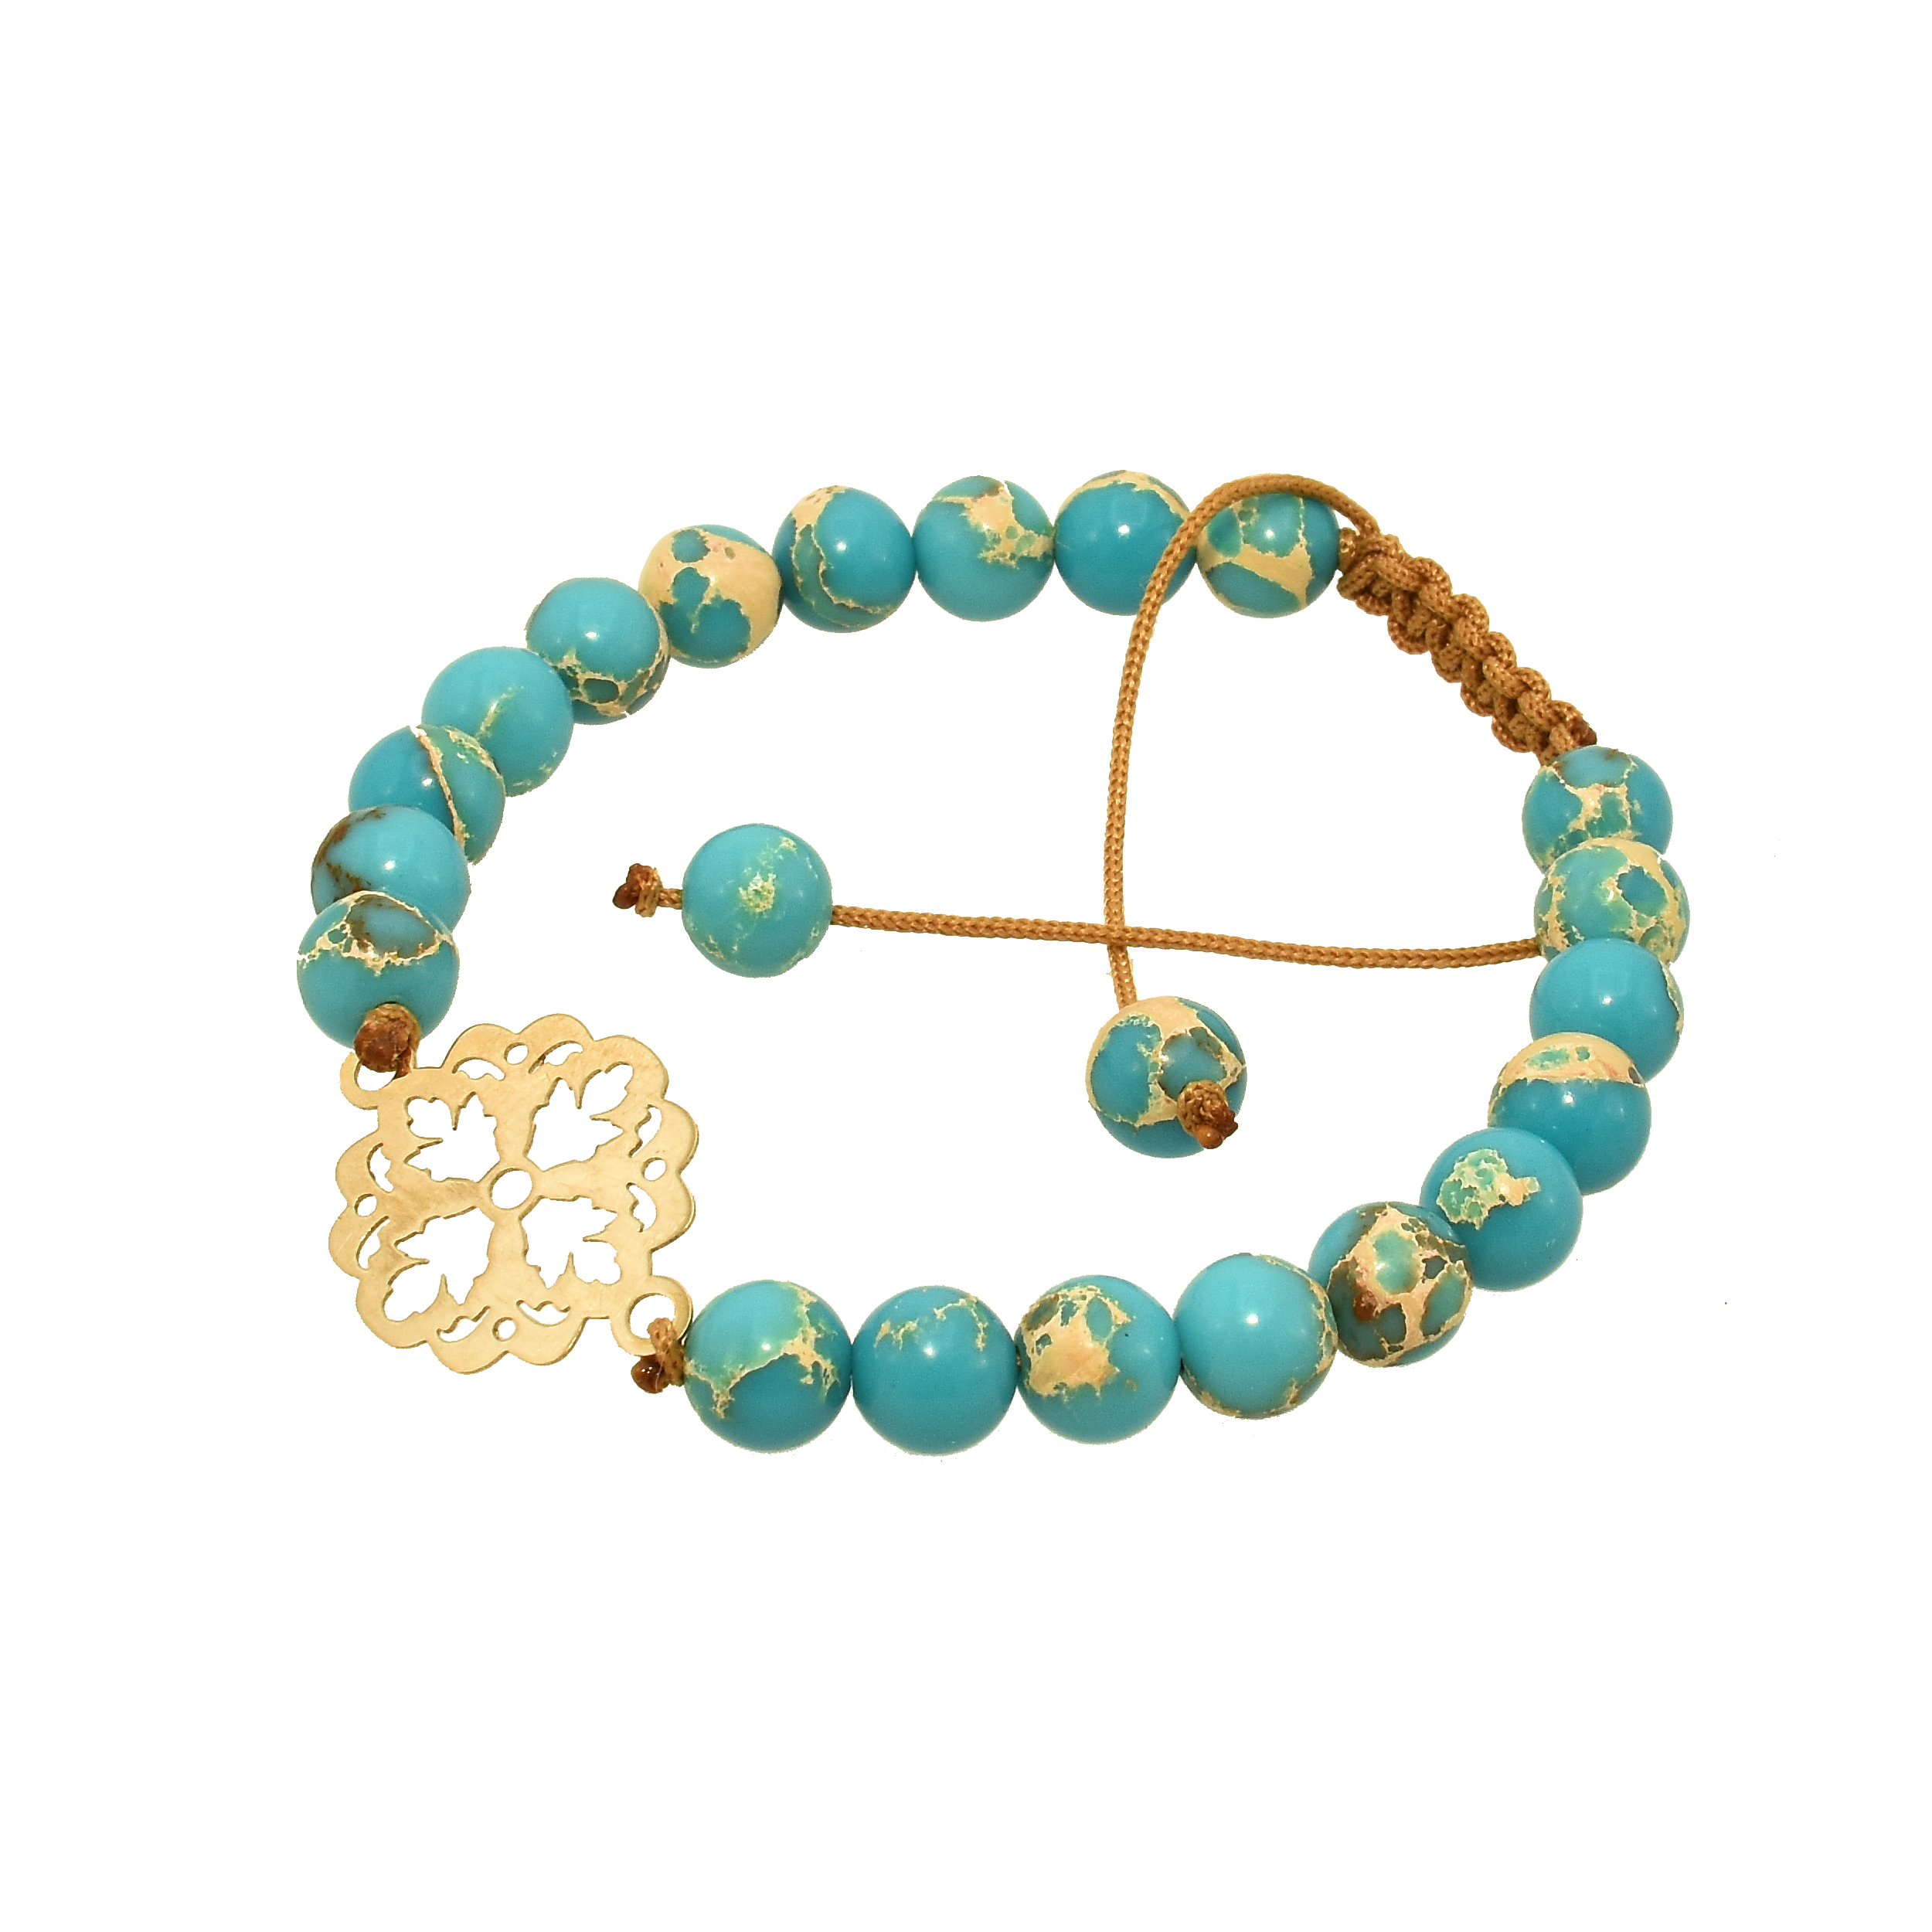 دستبند طلا 18 عیار زنانه گالری آمانژ مدل اسلیمی کد D2553